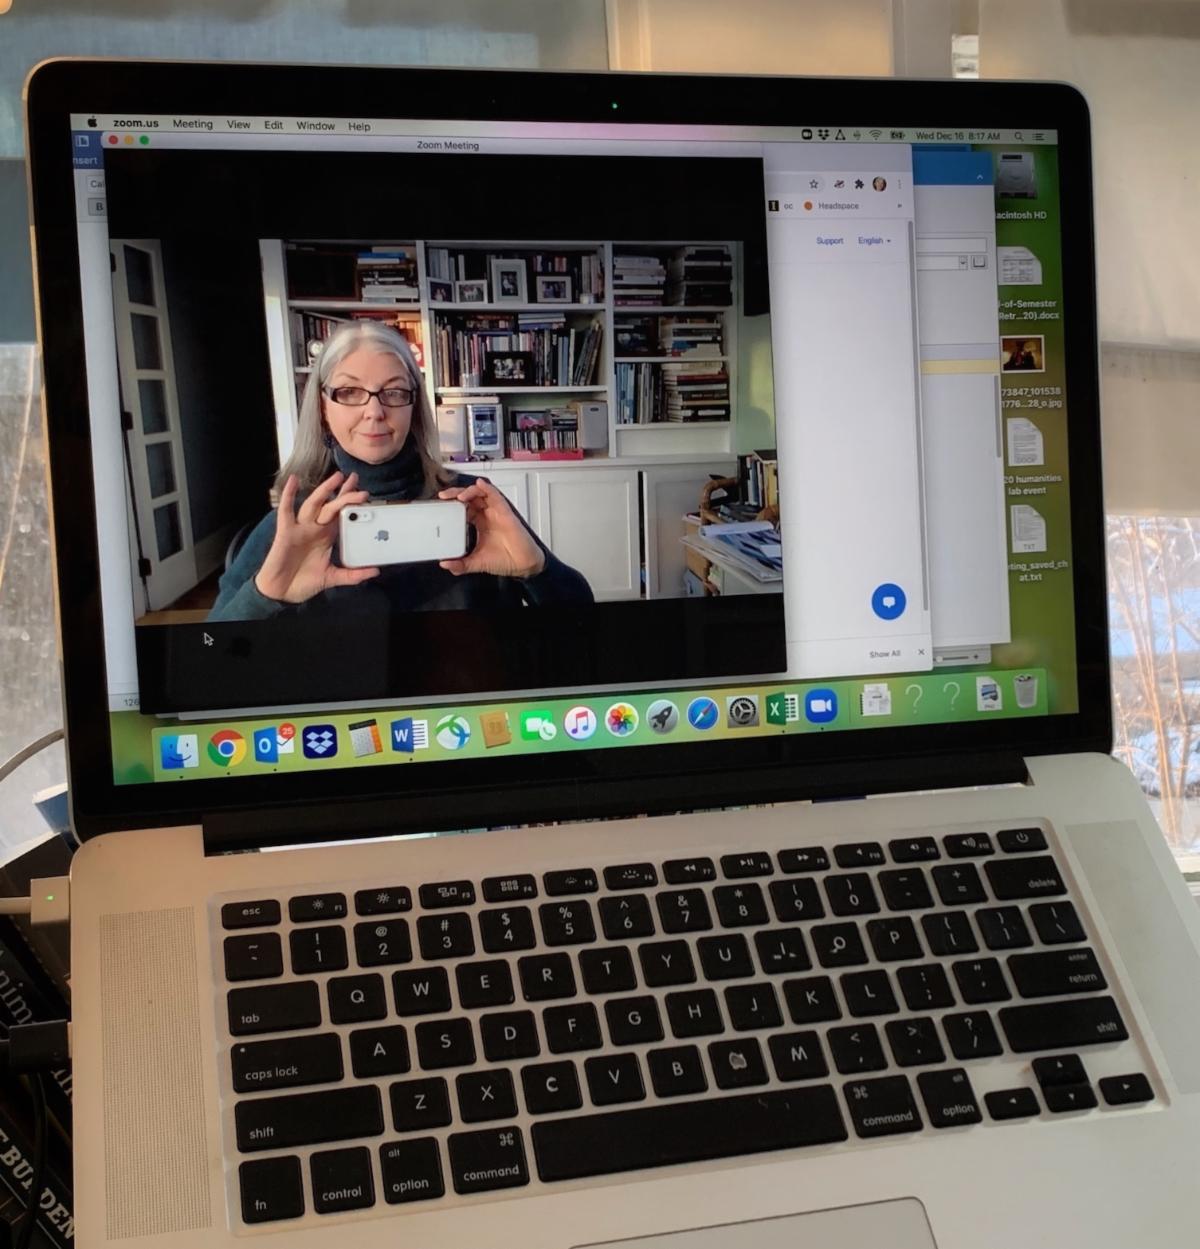 Teresa taking selfie on Zoom